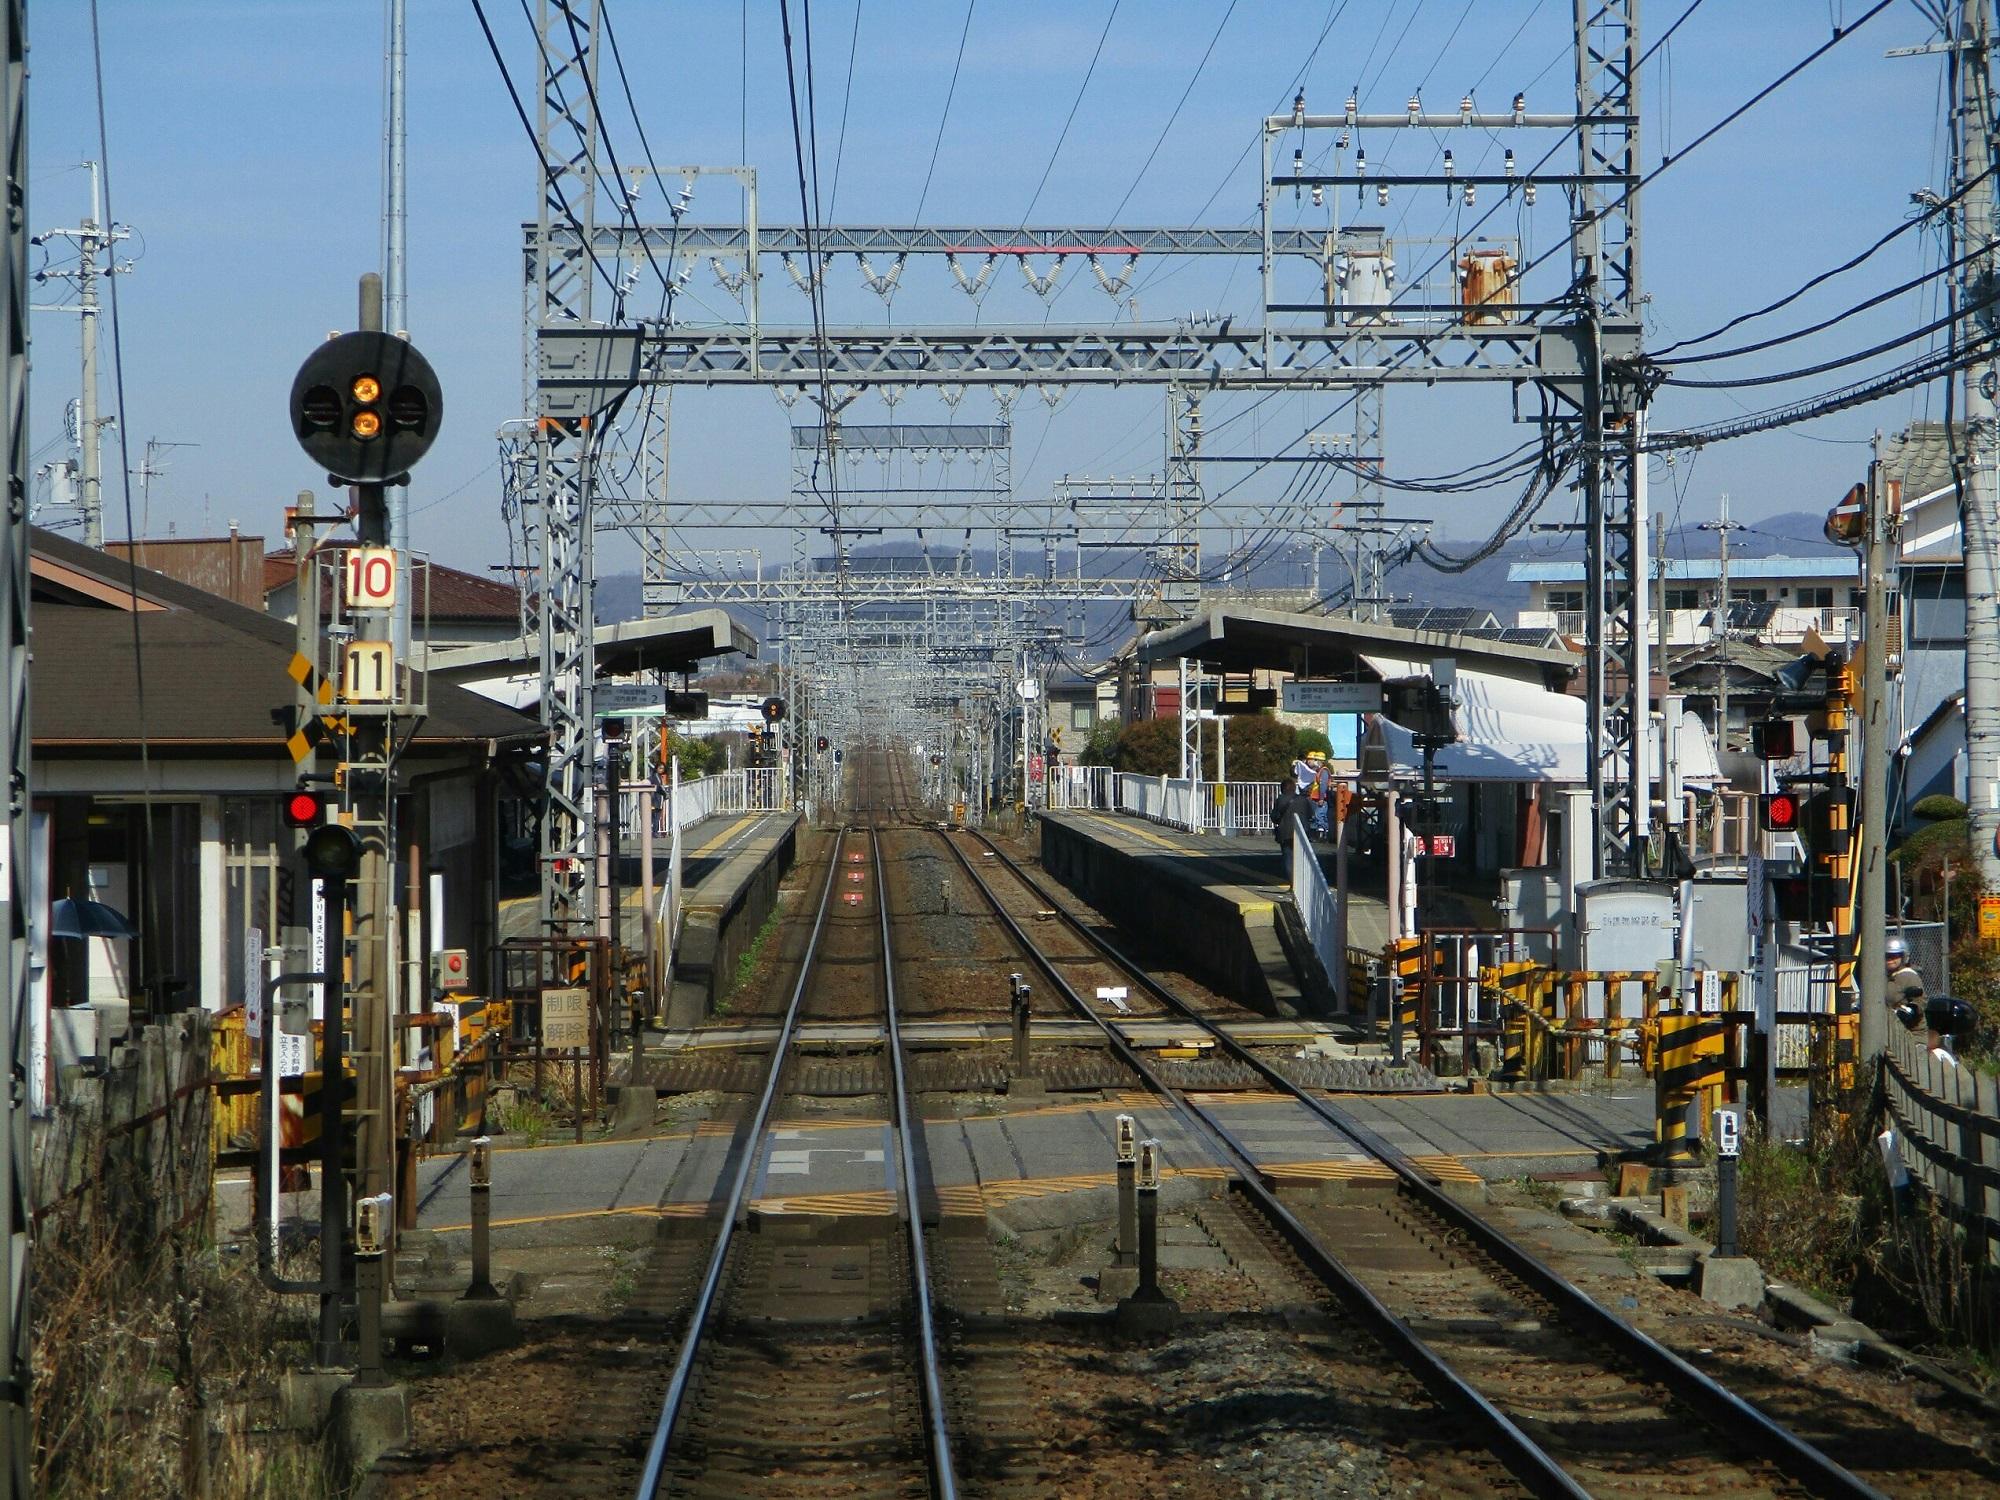 2019.3.18 (66) 大阪阿部野橋いき急行 - 当麻寺 2000-1500